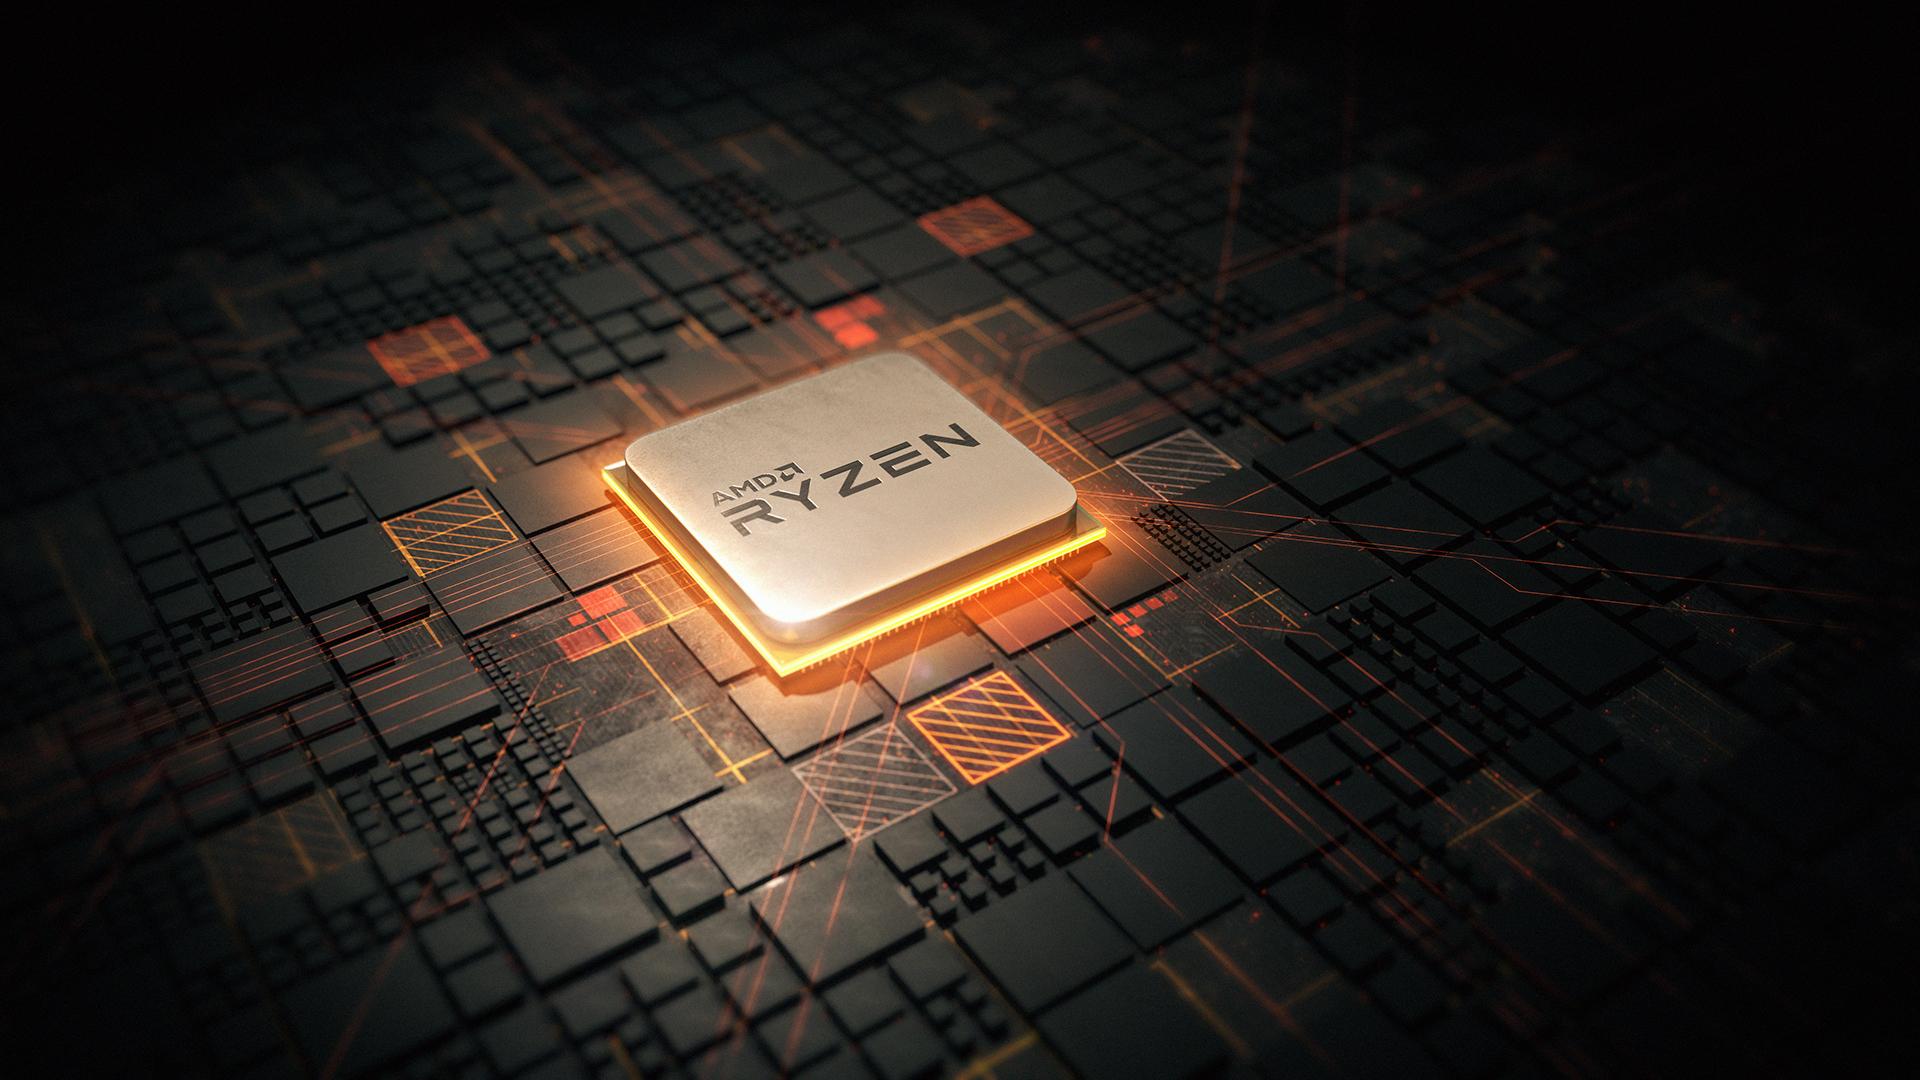 Процессоры Ryzen 5 2500X и Ryzen 3 2300X от AMD уже поступили в продажу